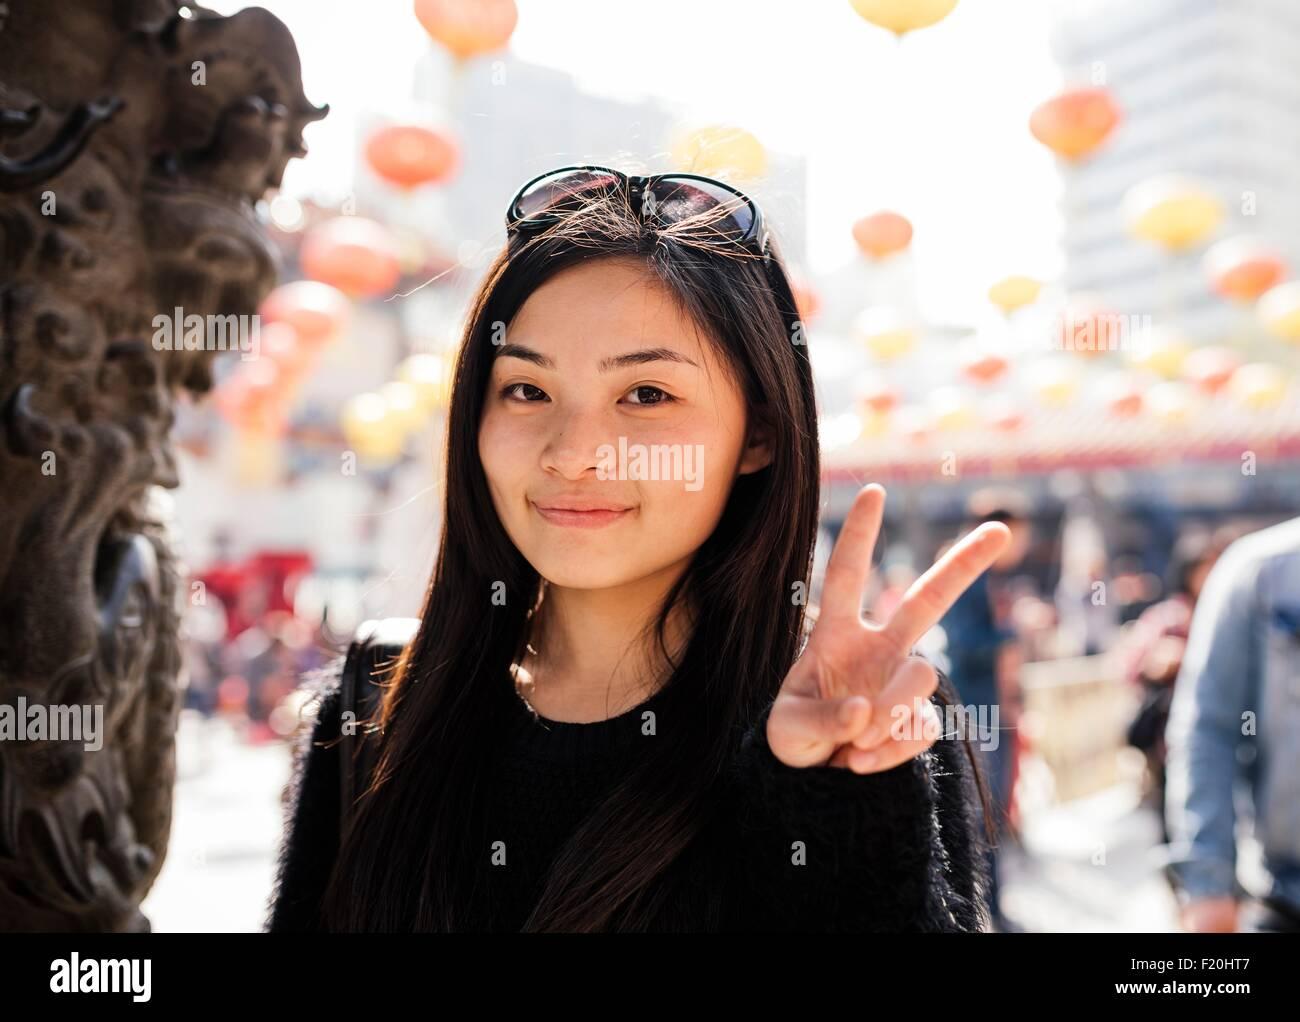 Ritratto di giovane donna con capelli lunghi e occhiali da sole sulla testa facendo segno di pace, guardando la Immagini Stock